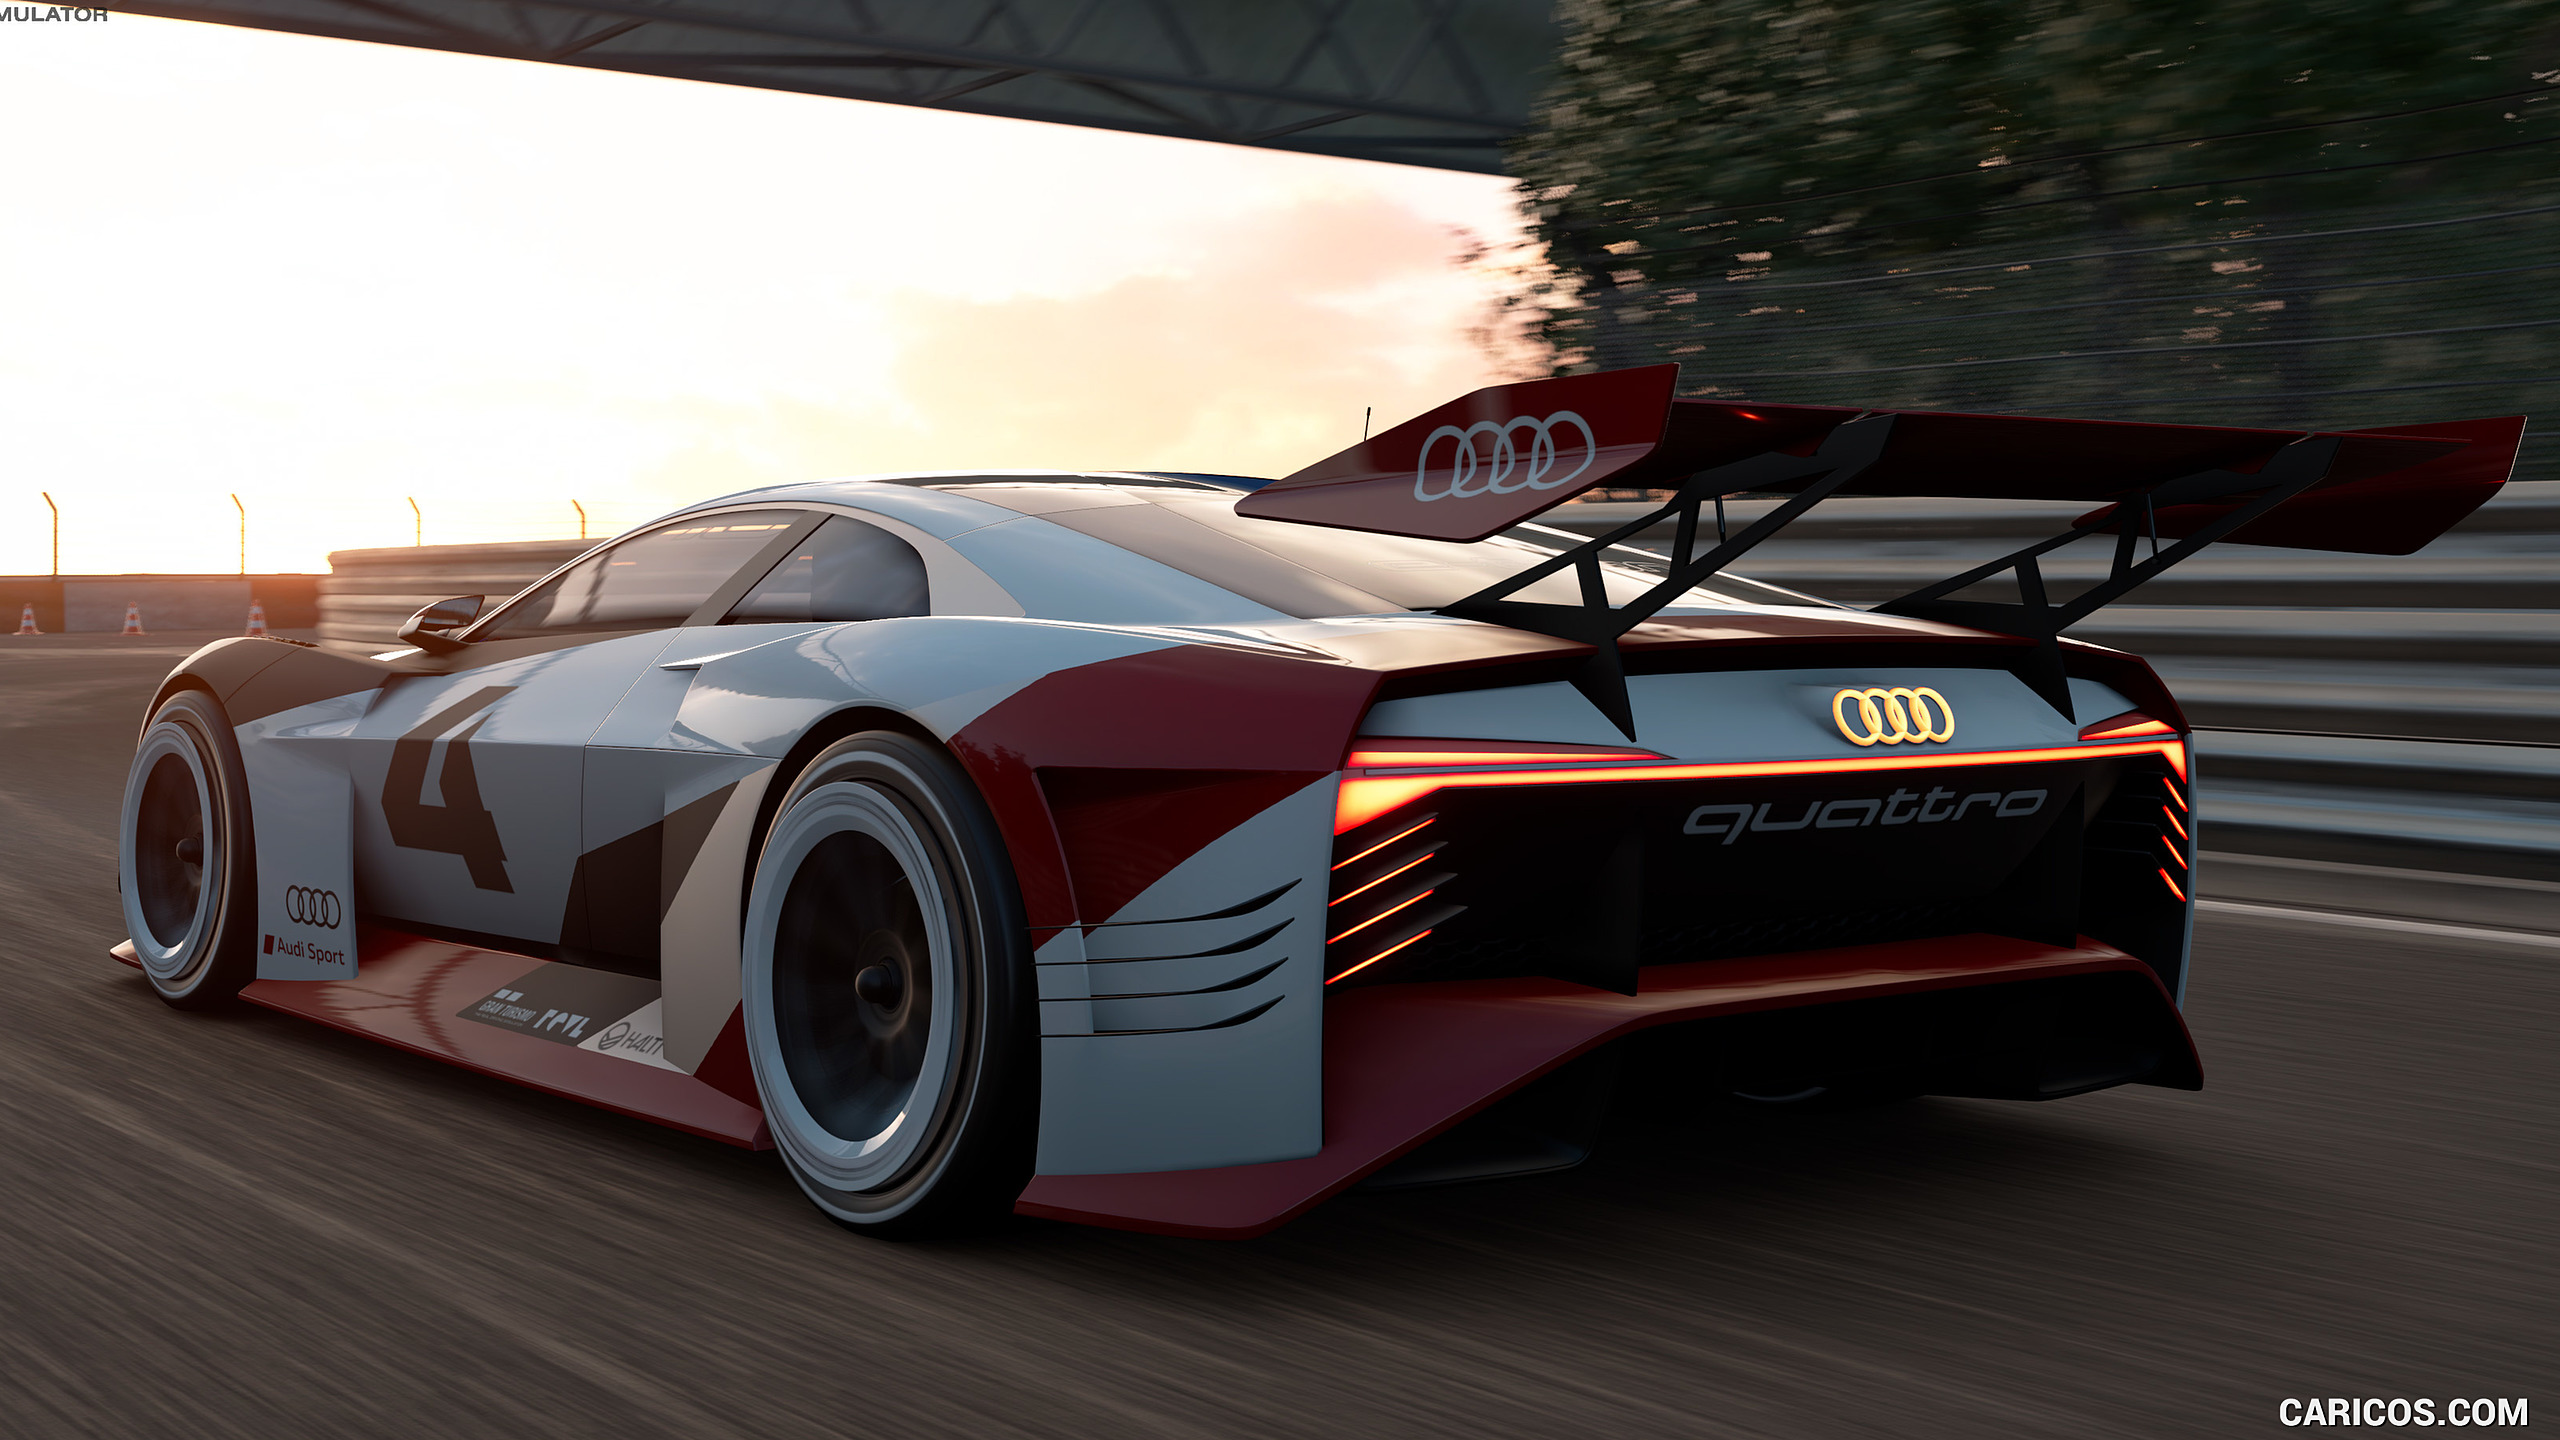 Gran Turismo Wallpaper 2560x1440